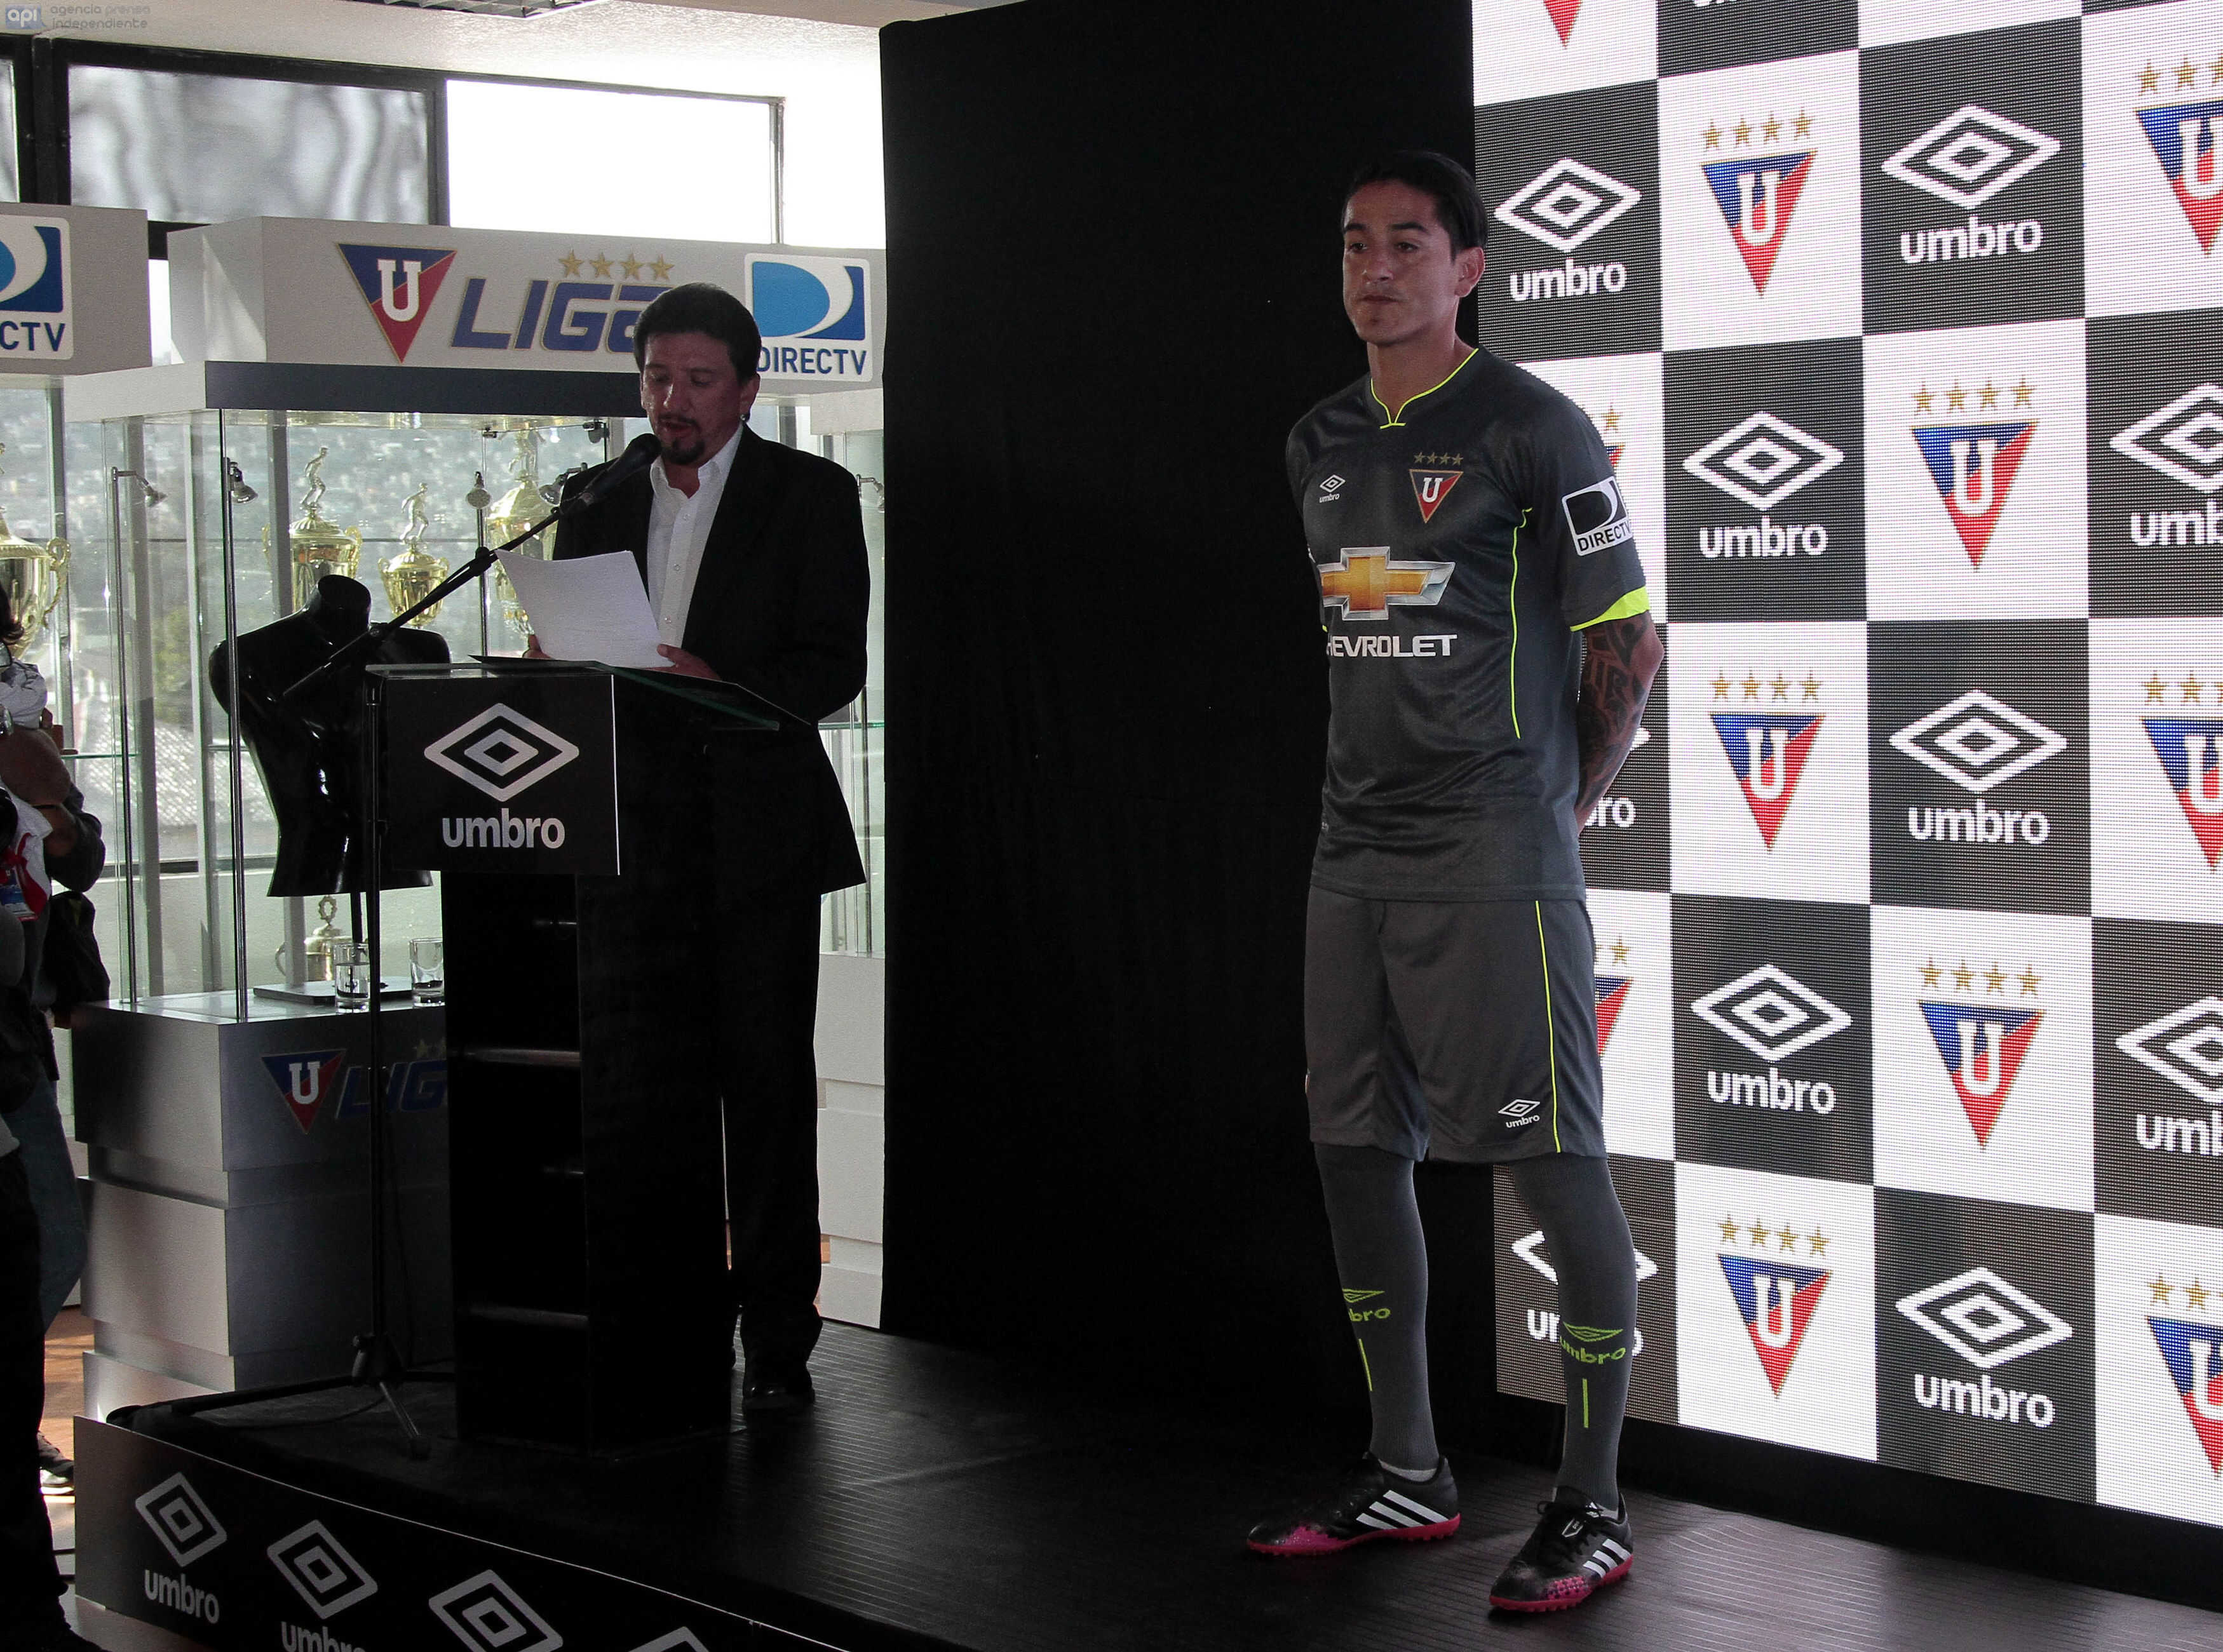 ECUADOR QUITO, 24 de ENERO DE 2016, En el estadio Casa Blanca, Liga de Quito realizó la presentación de su camiseta oficial FOTO API / JAVIER CAZAR